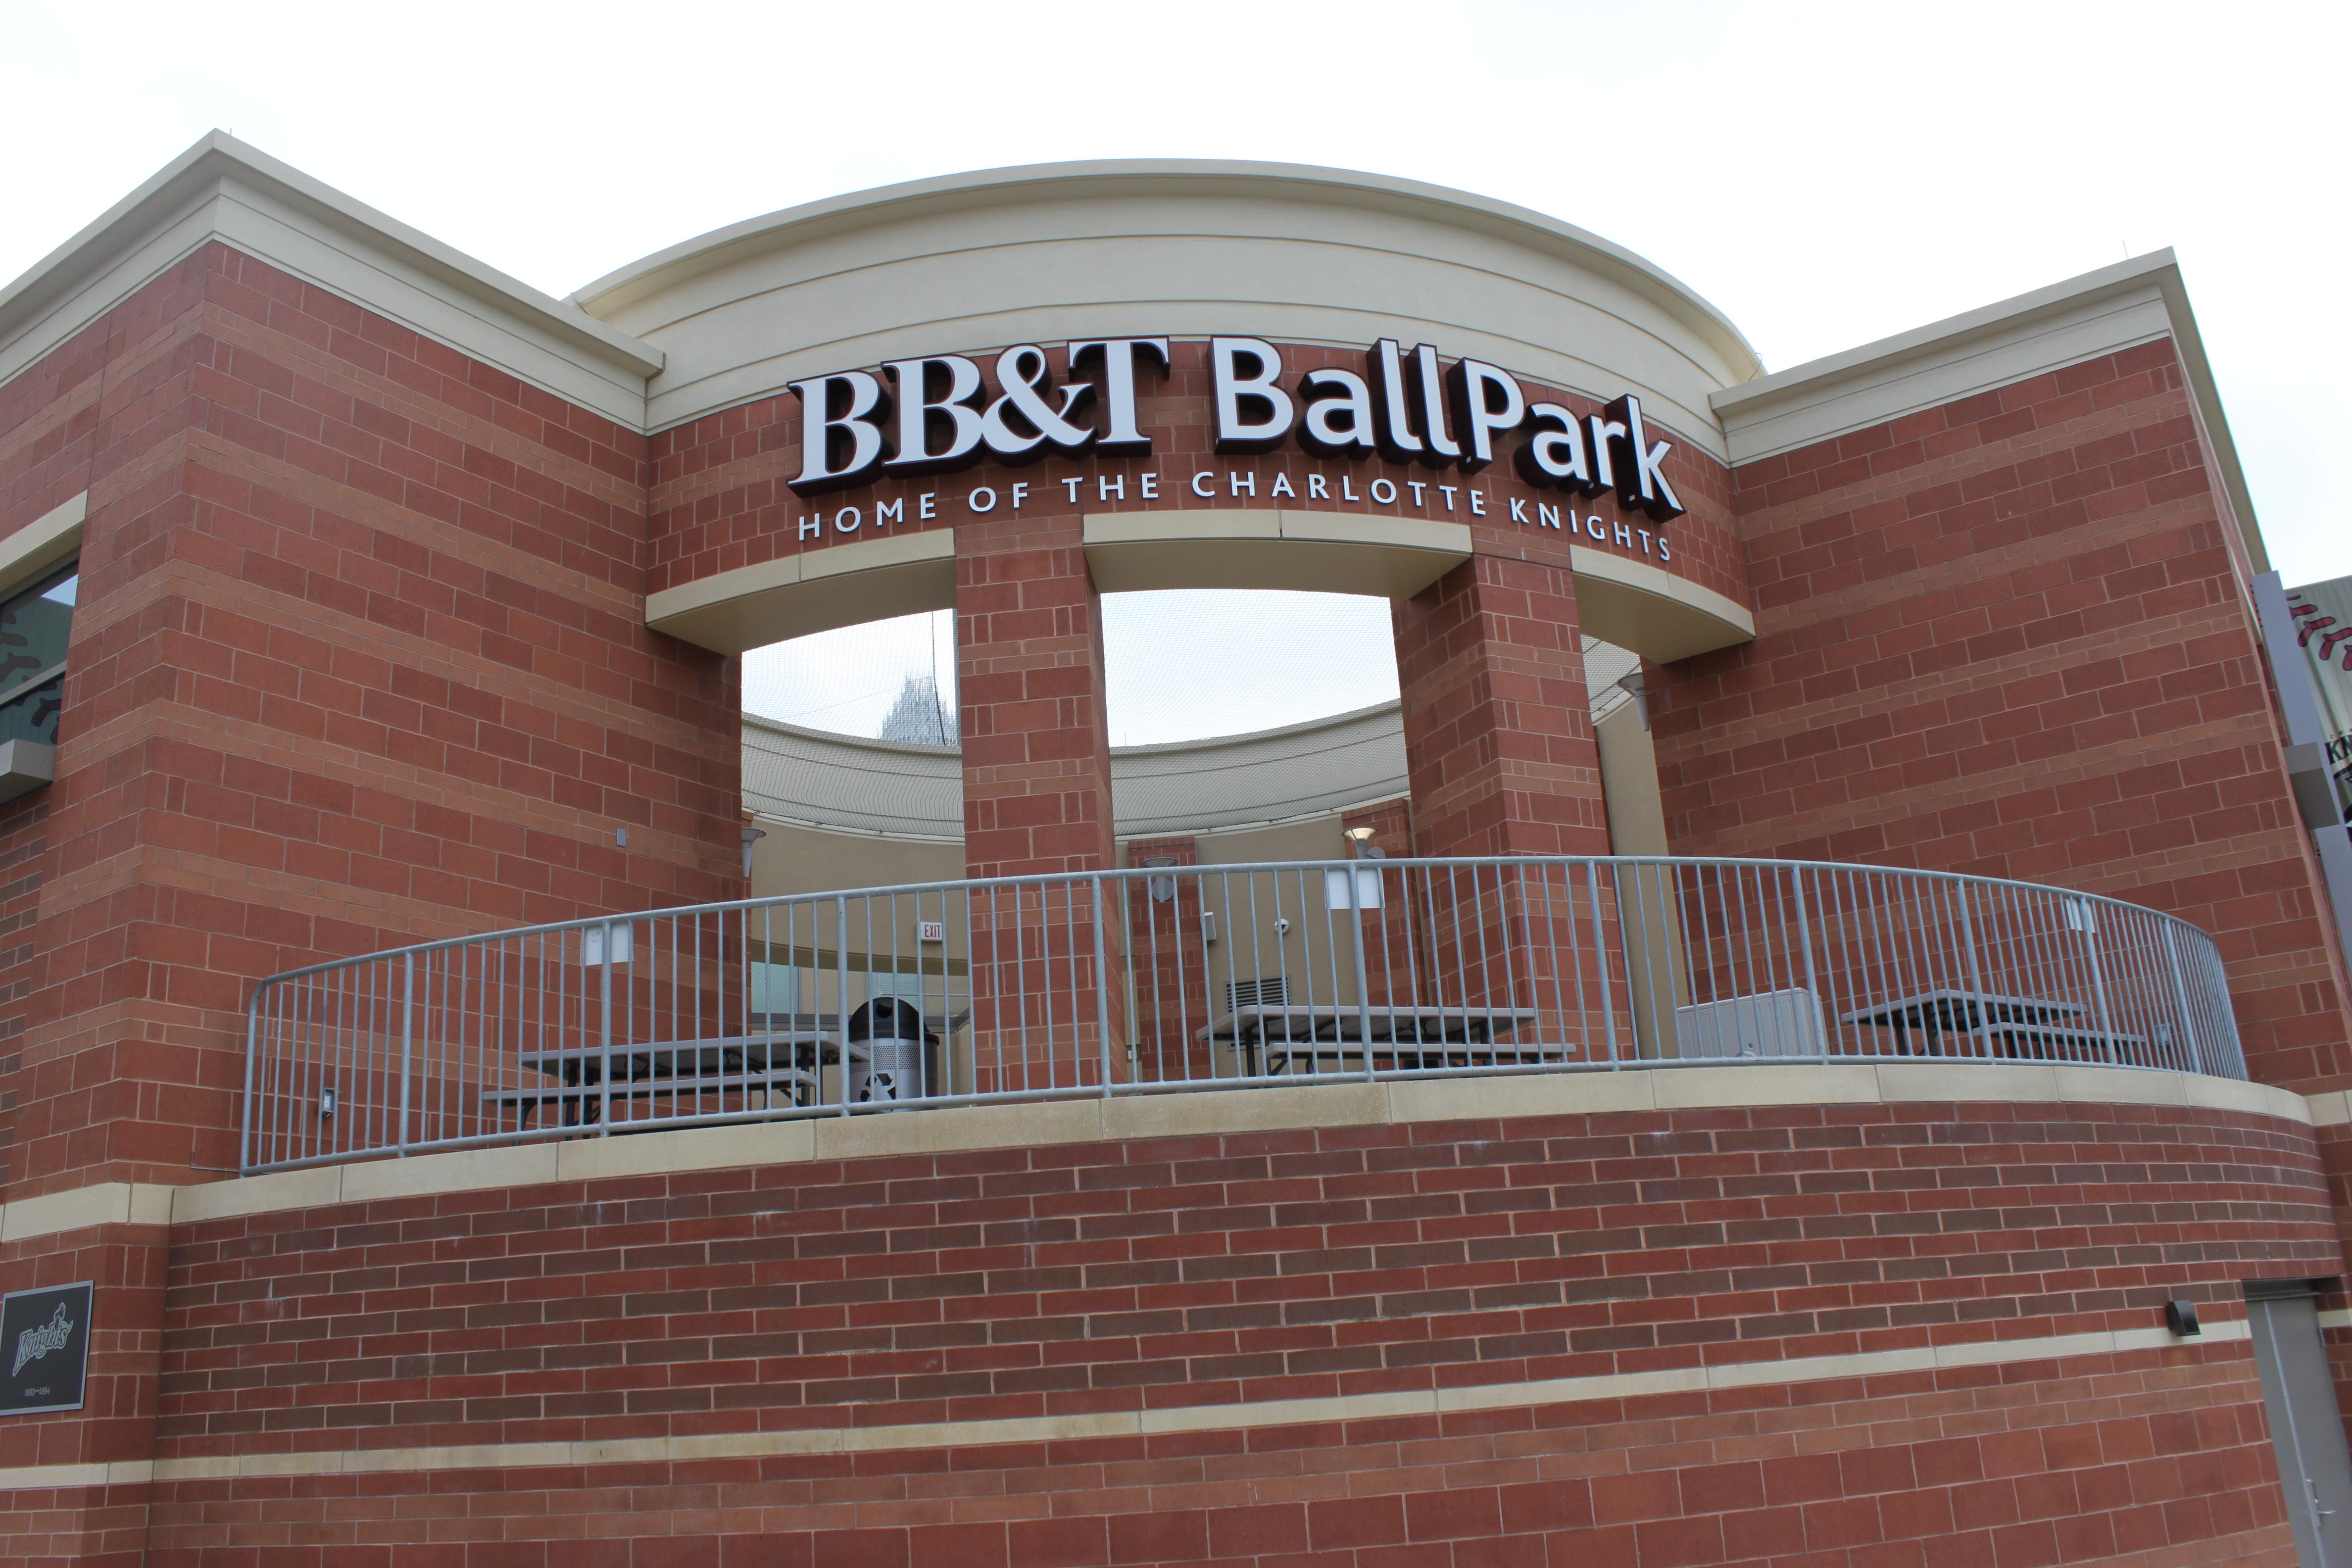 BB&T Ball Park